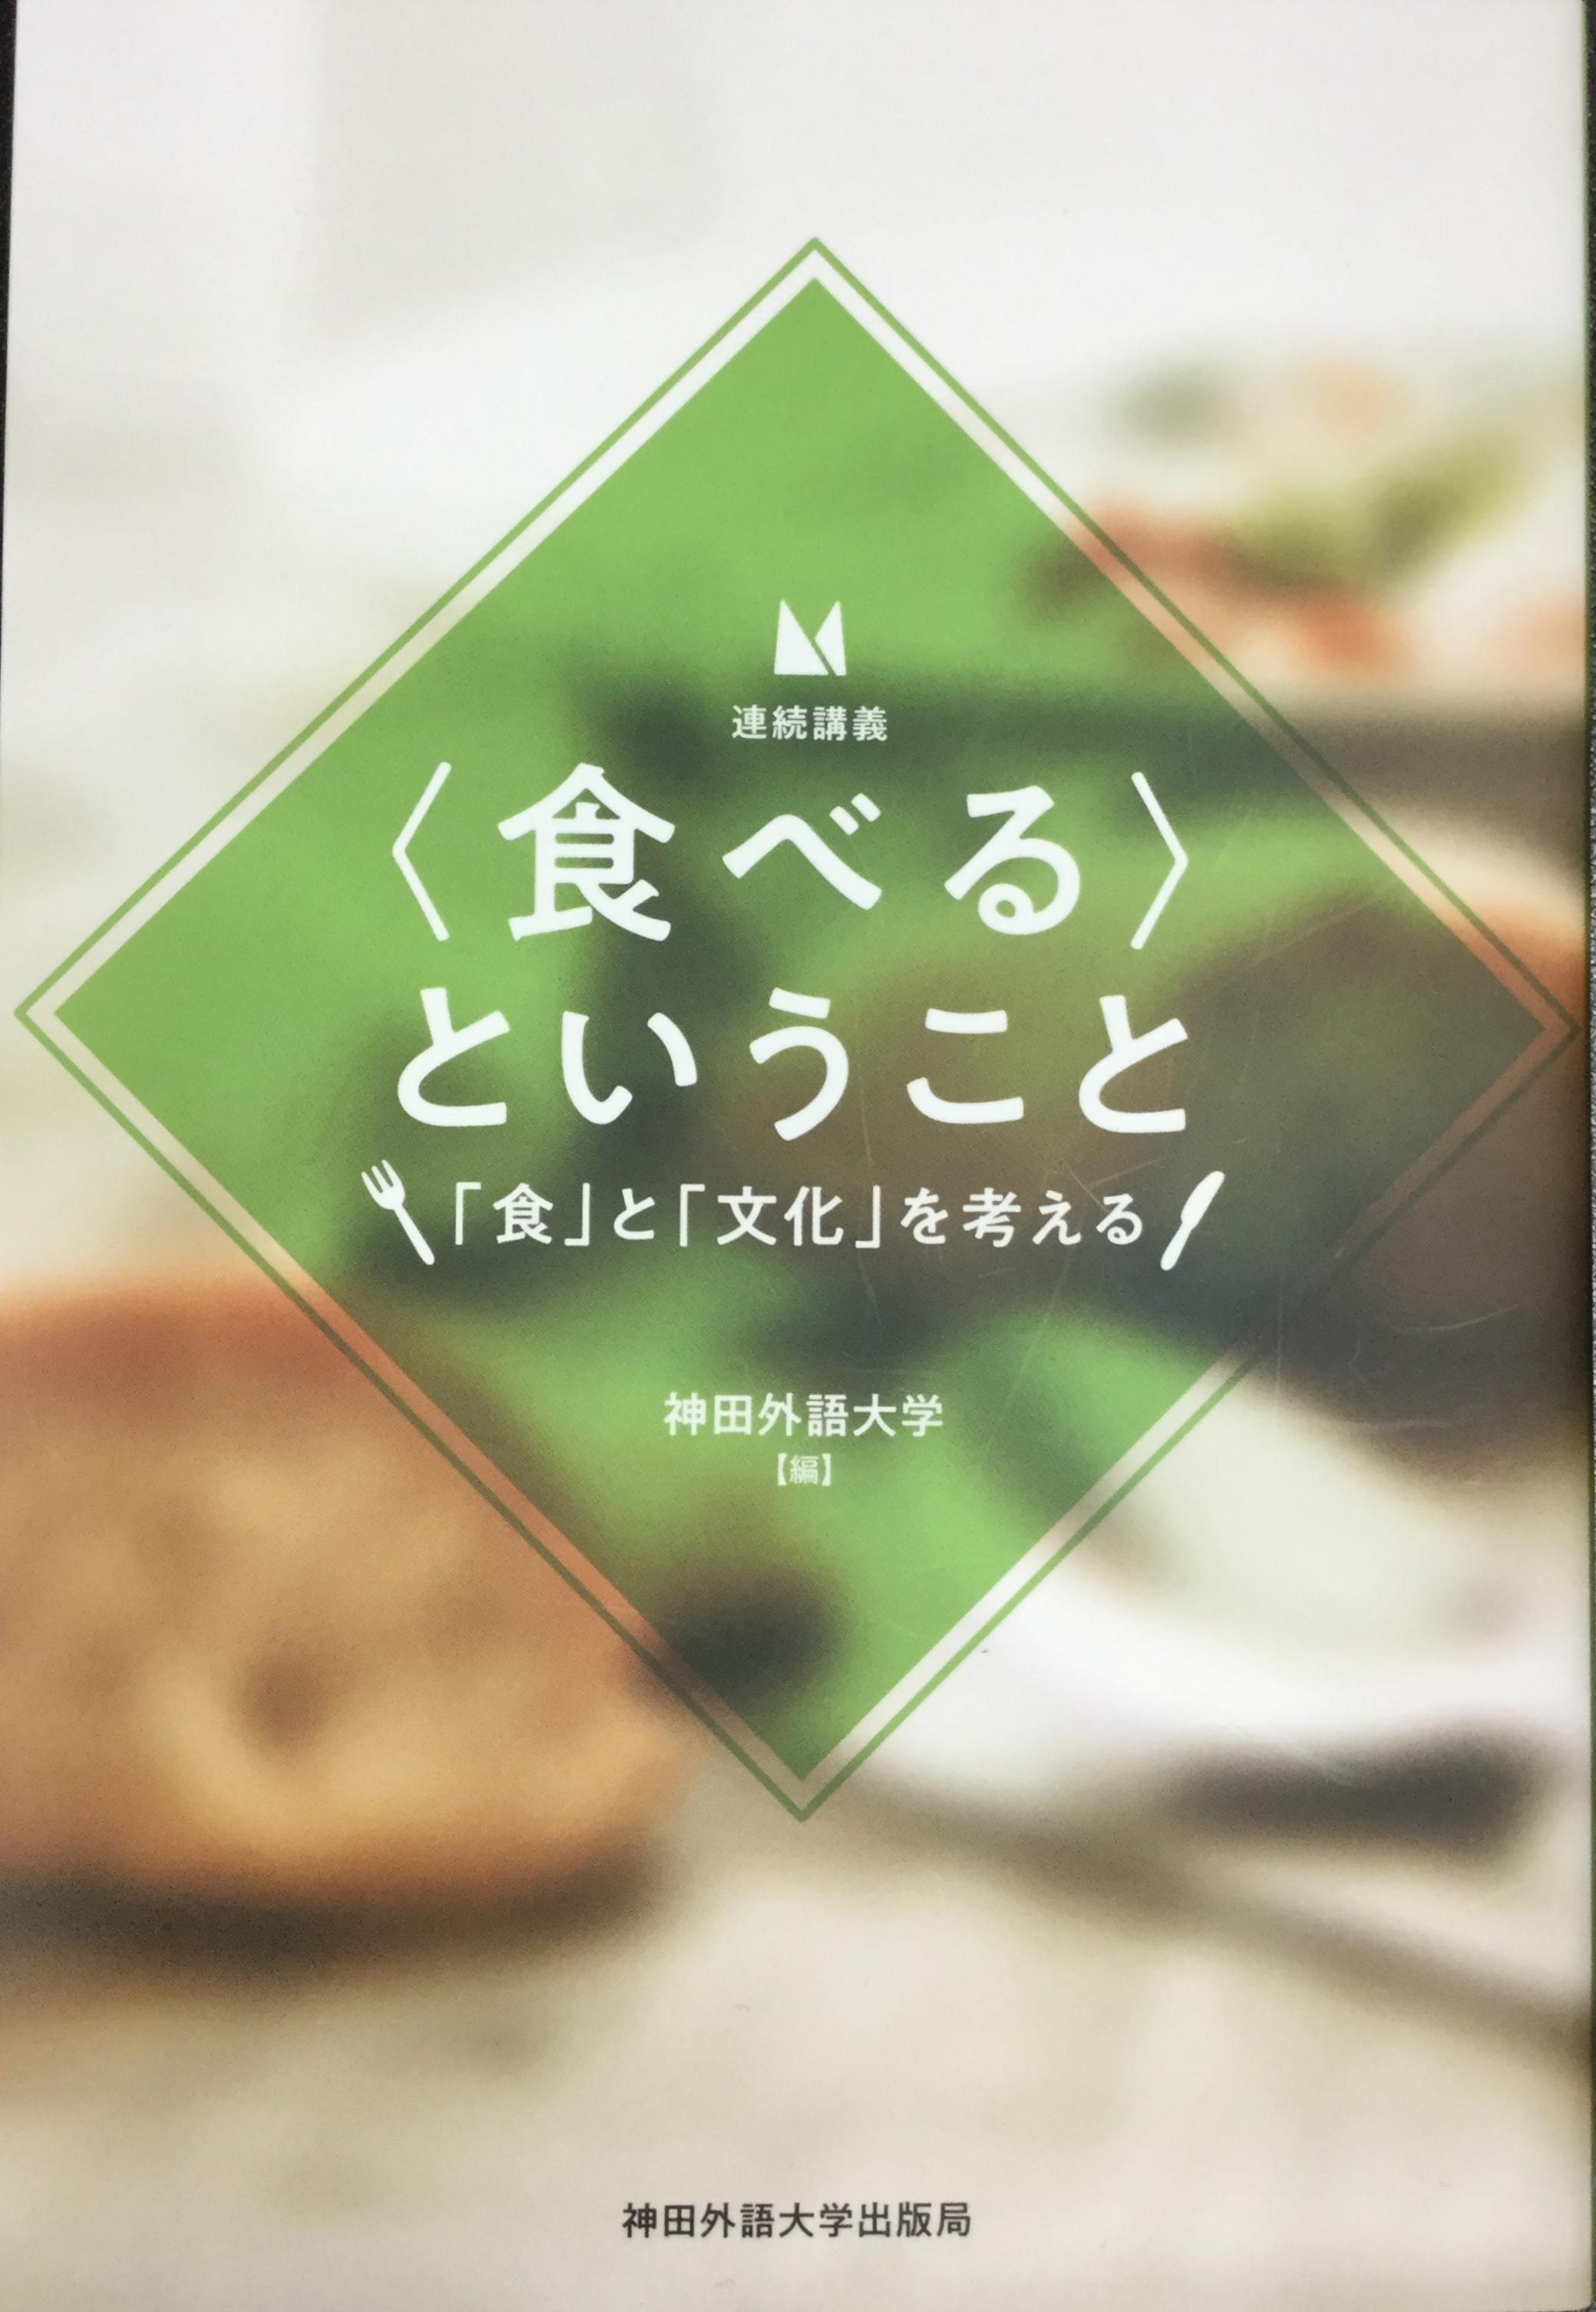 神田外語大学出版局より『連続講義 <食べる>ということ --「食」と「文化」を考える』を9月12日に刊行 ~神田外語大学13名の教員による、異文化理解へ通ずる世界と日本の「食」に関する連続講義~